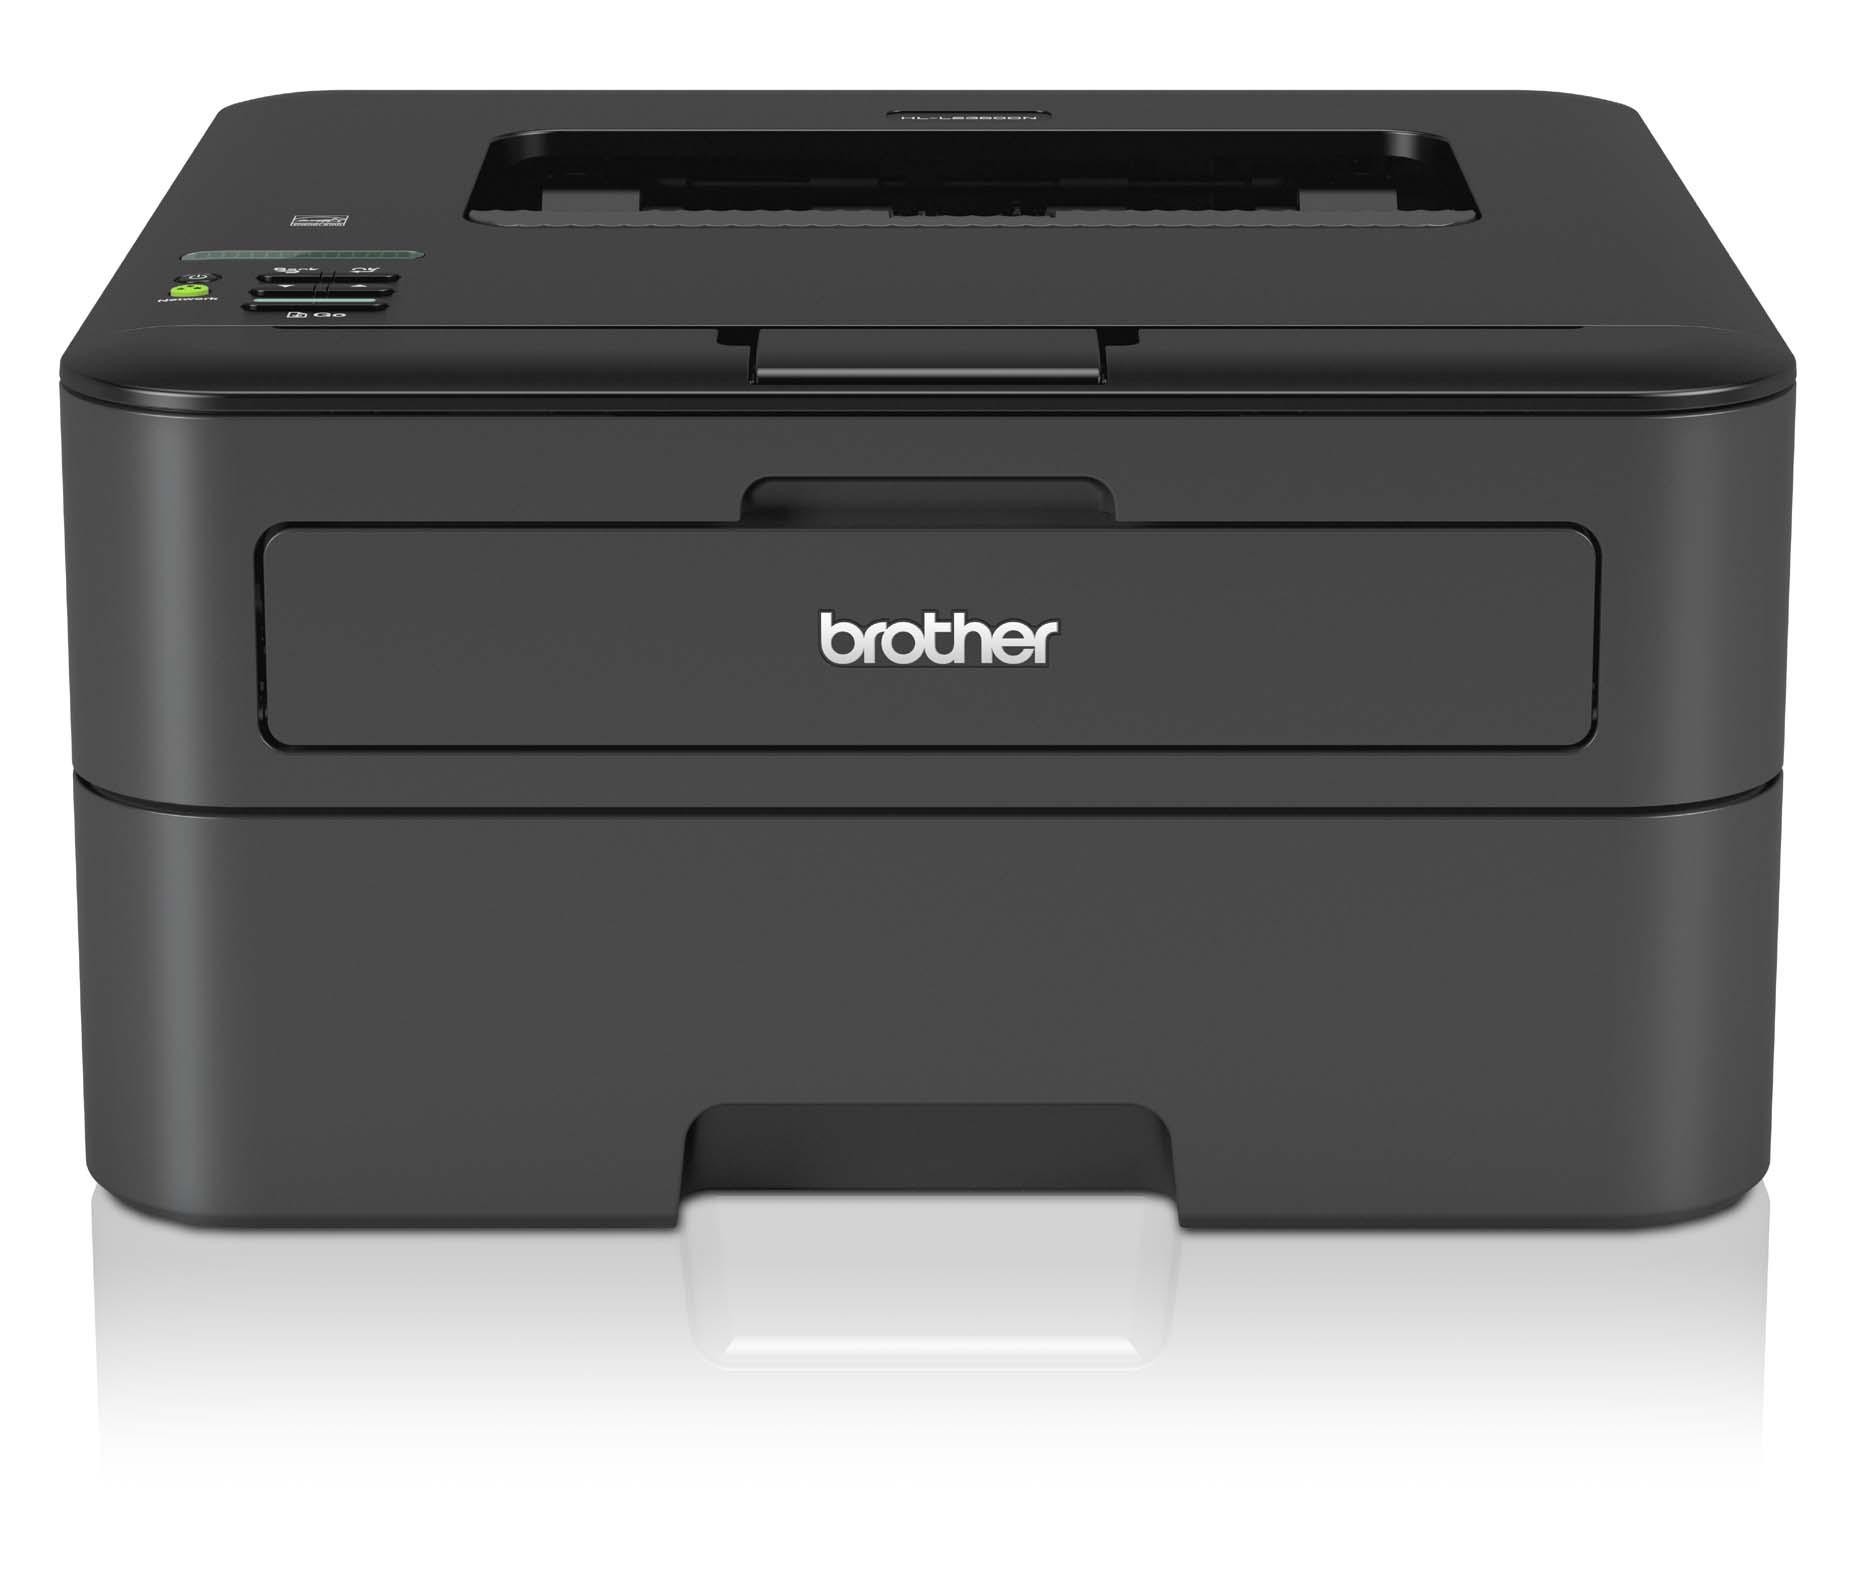 harga-jual-brother-hl-l2360dn-printer-mo